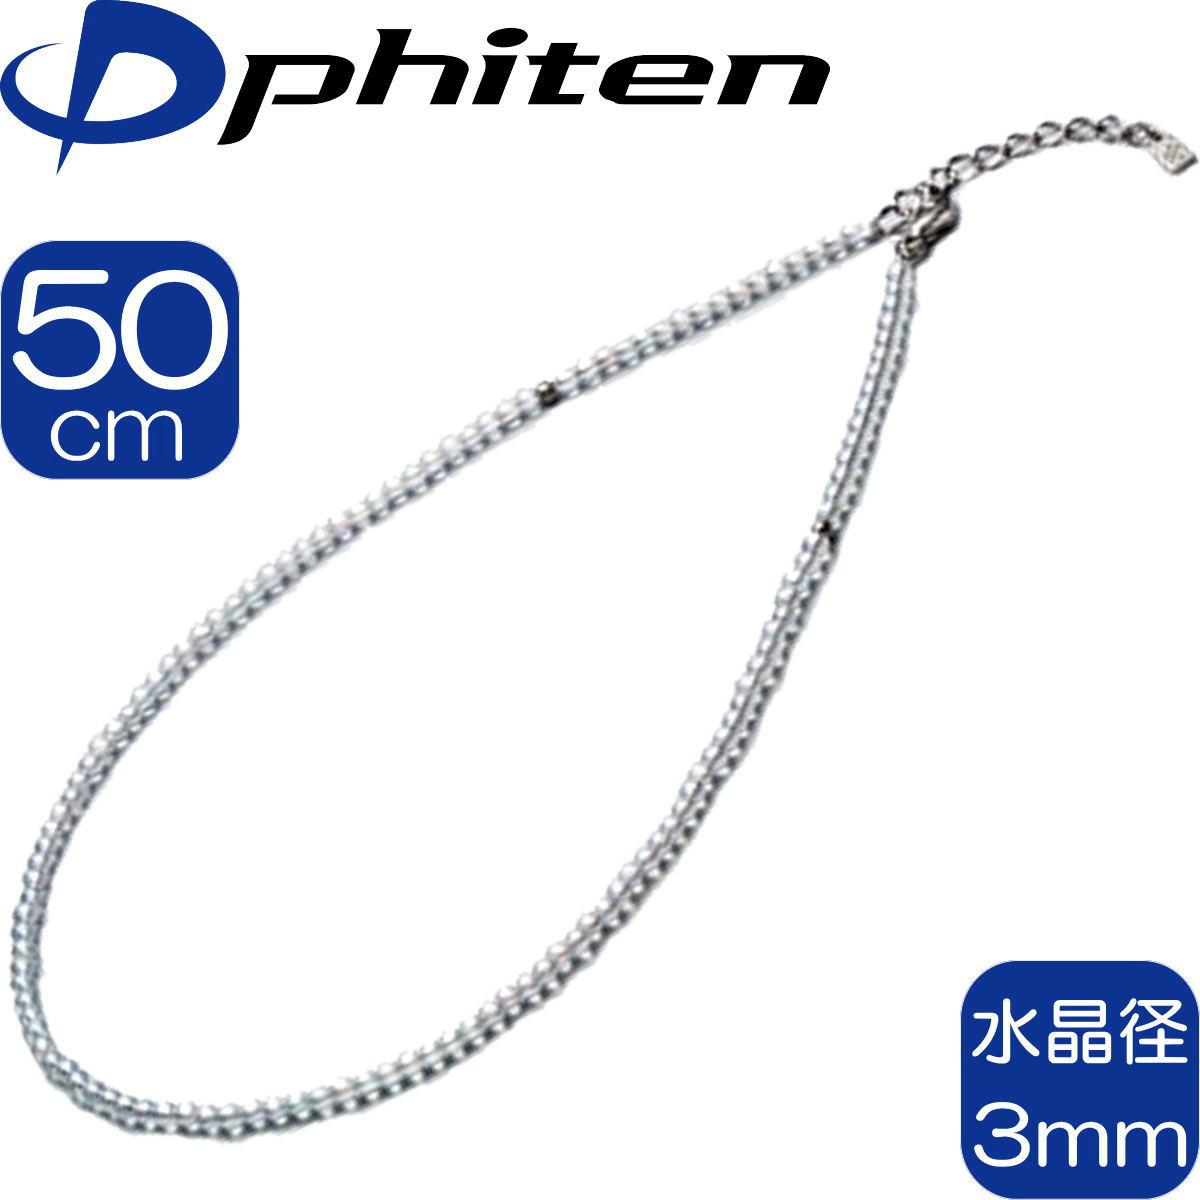 【正規品】 Phiten | チタン水晶ネックレス 3mm玉 50cm (+5cmアジャスター) | 日本製 | 0515AQ812053 | ファイテン